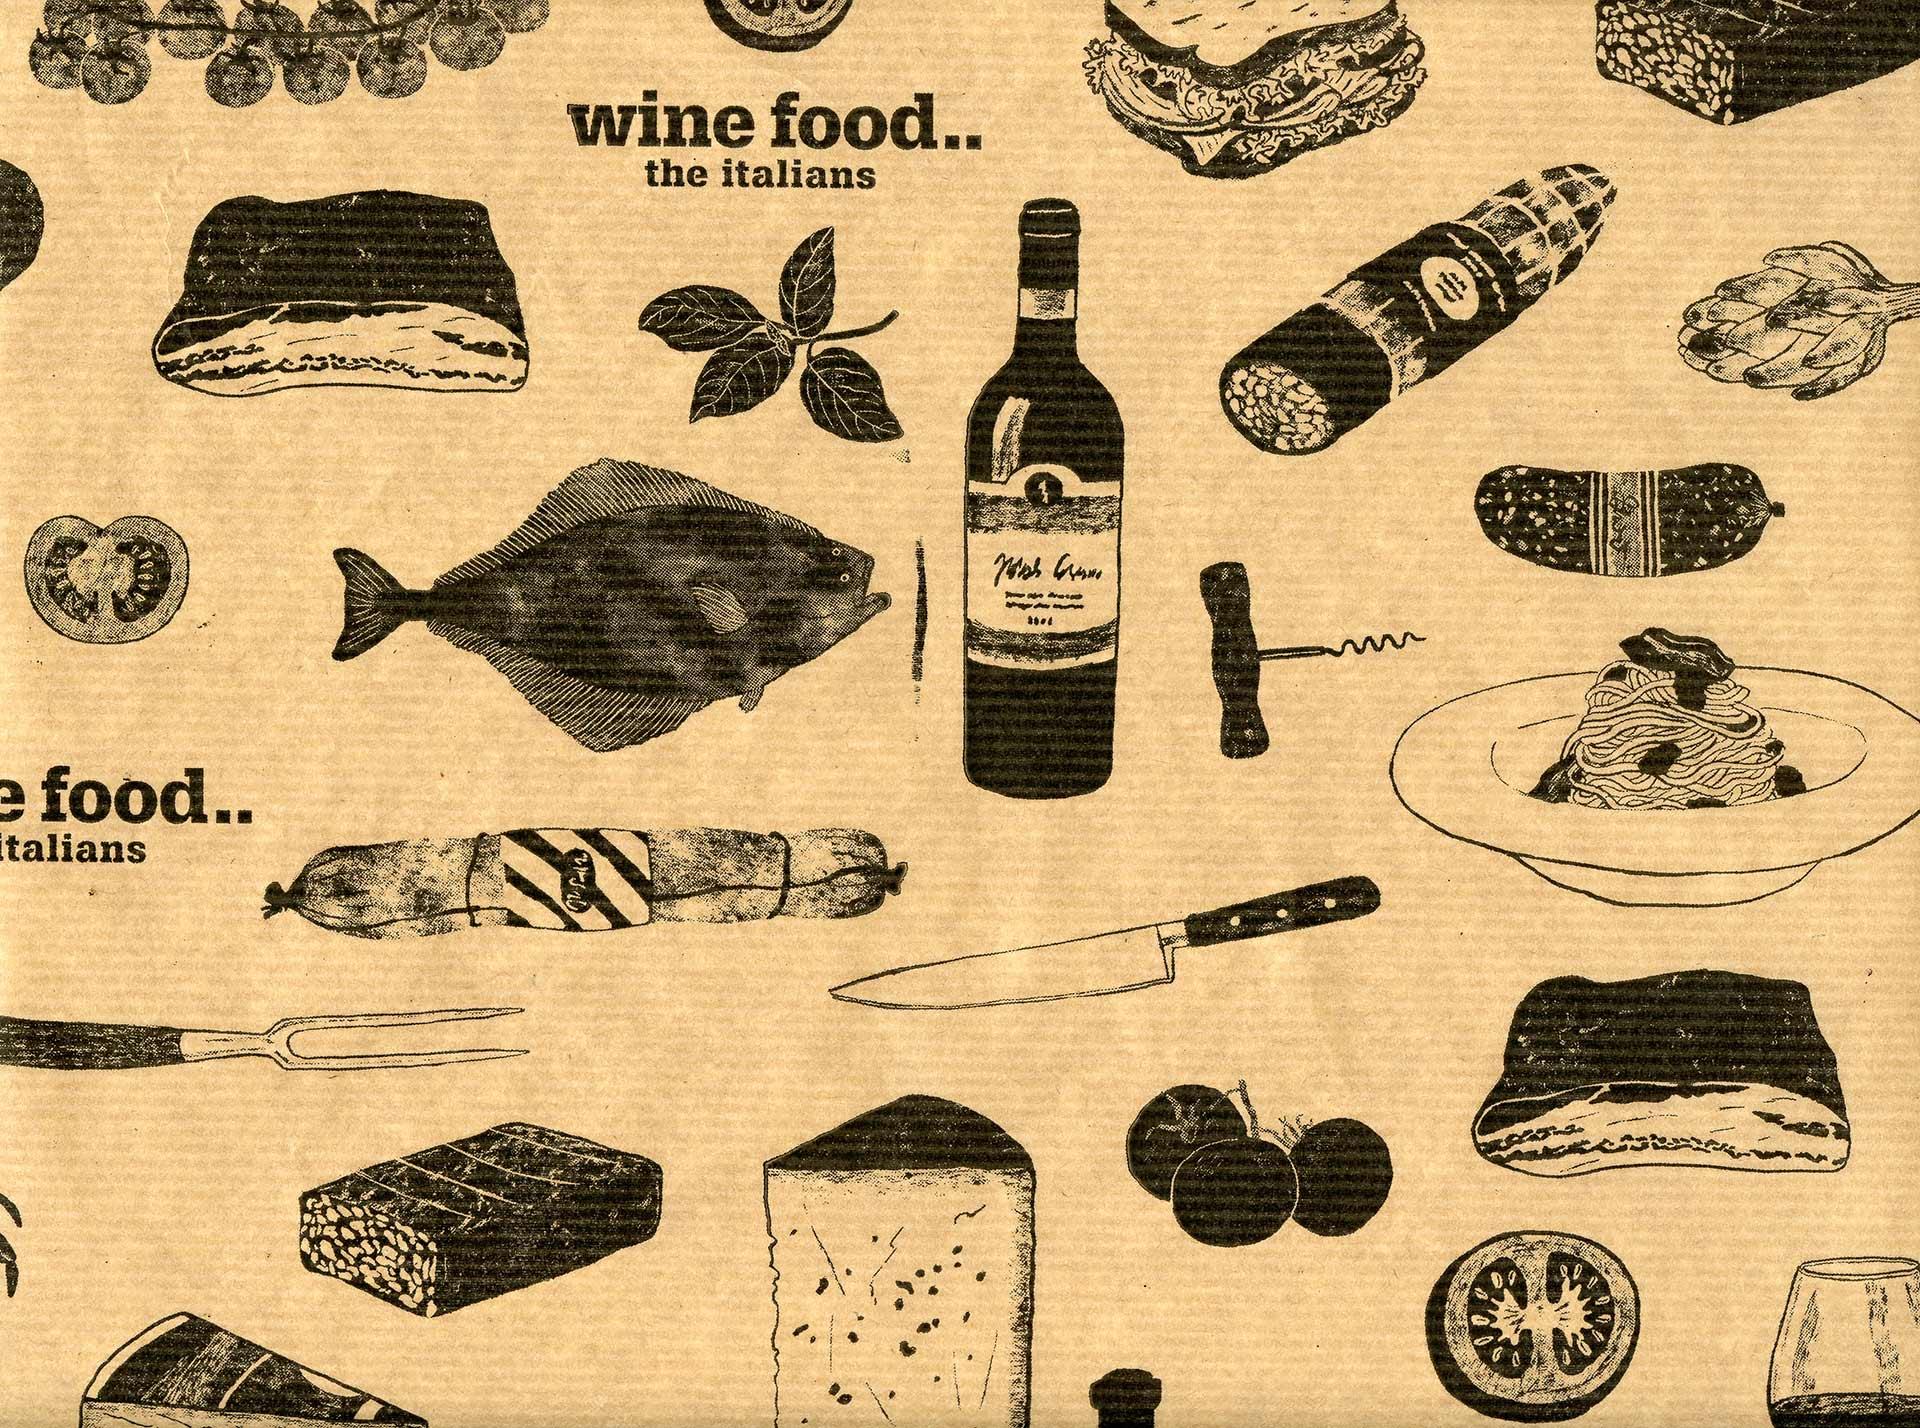 wine-food_balici-papir-sken-01